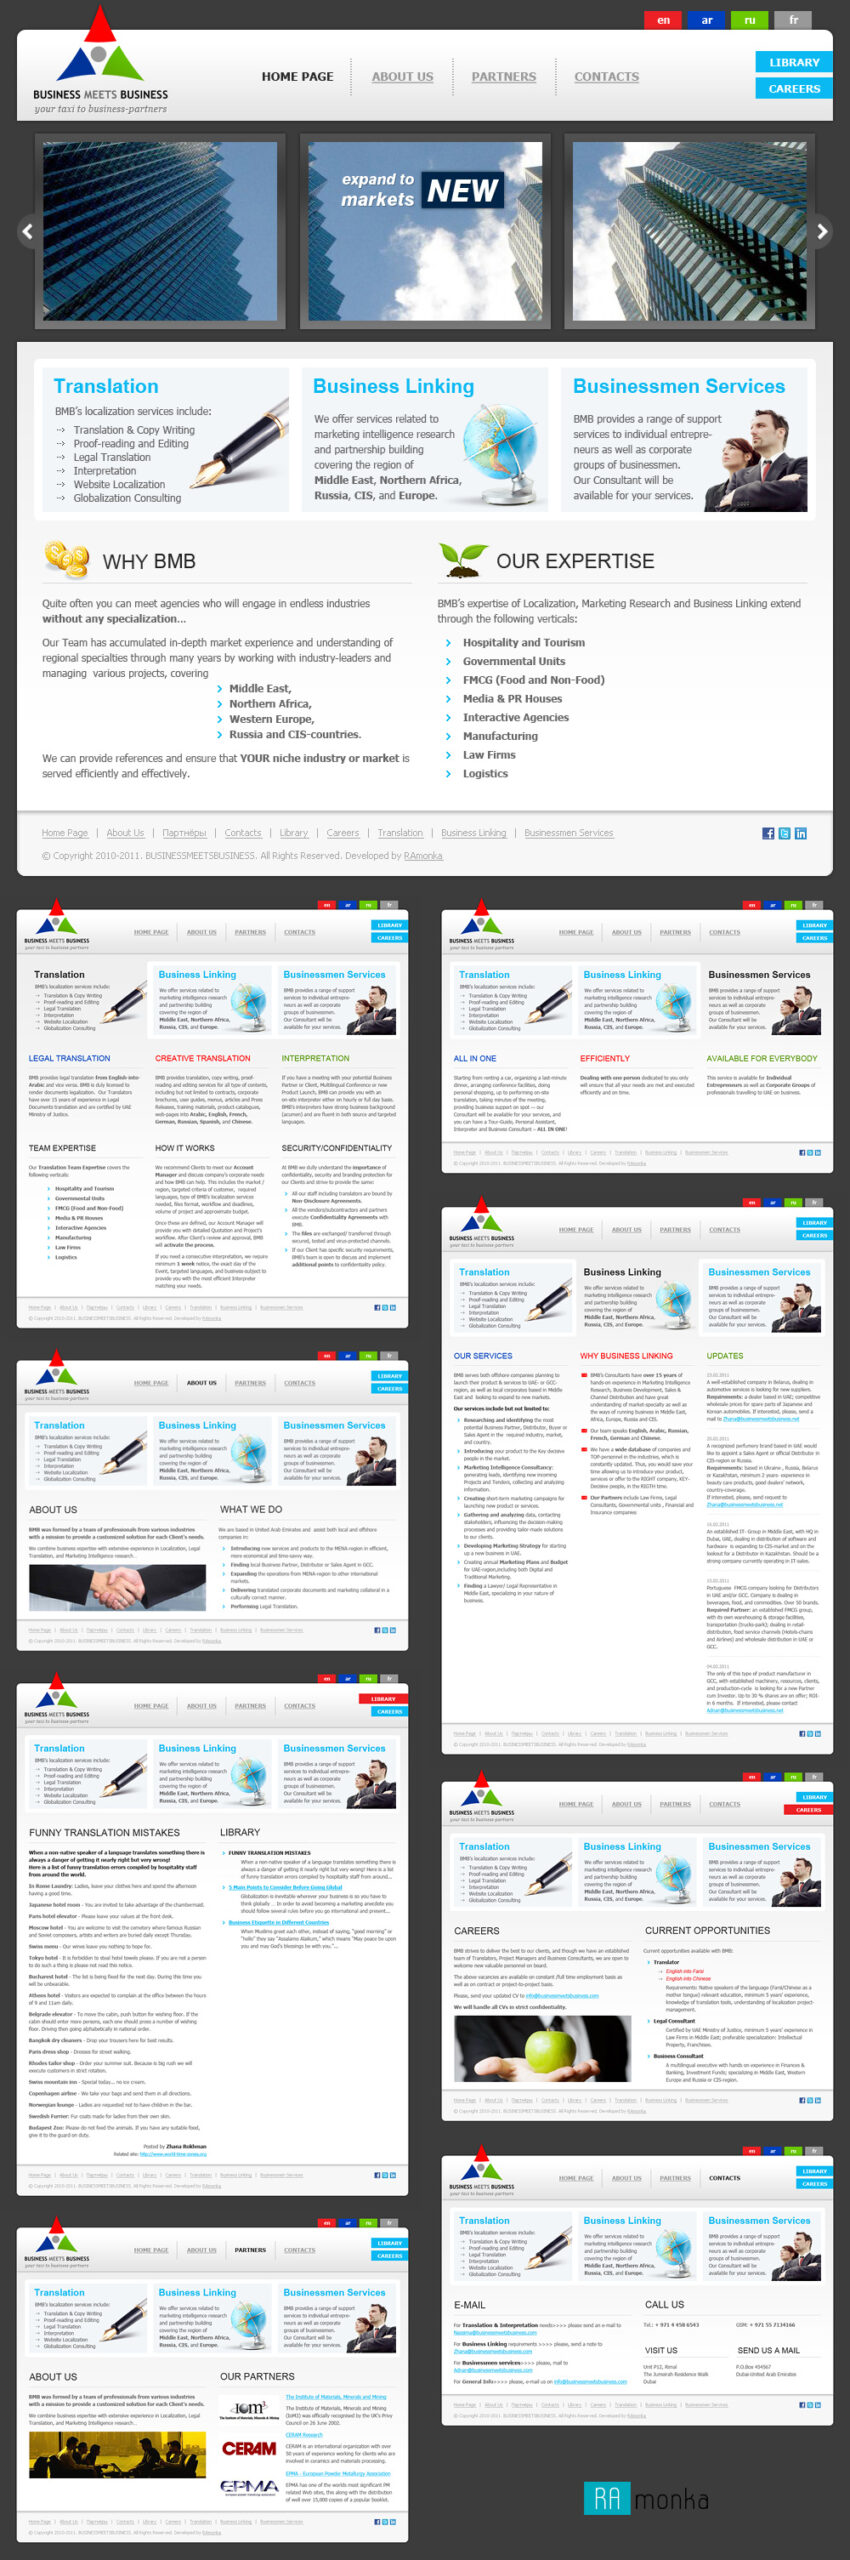 Веб-разработка мультиязычного сайта под ключ на CMS Joomla для компании Business Meets Business